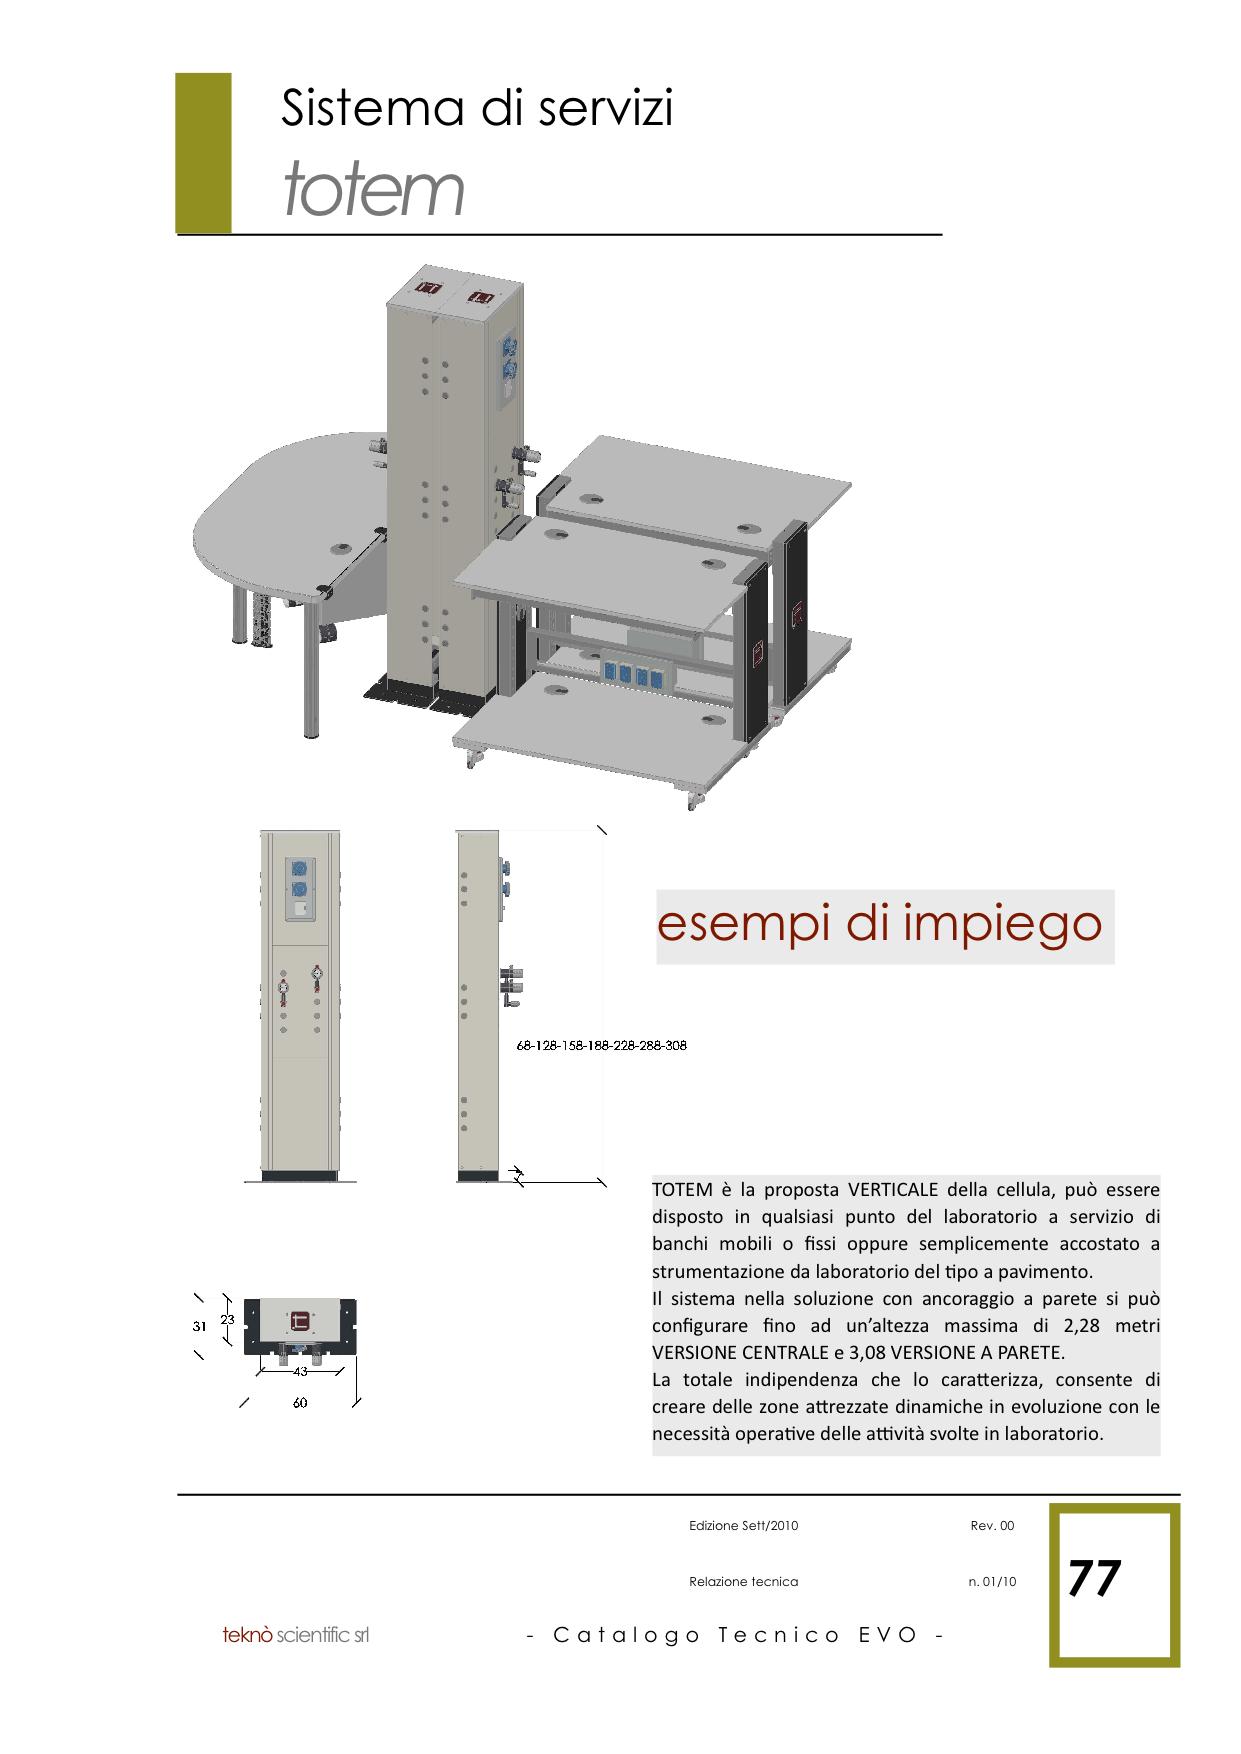 EVO Catalogo Tecnico Generale copia 77.png